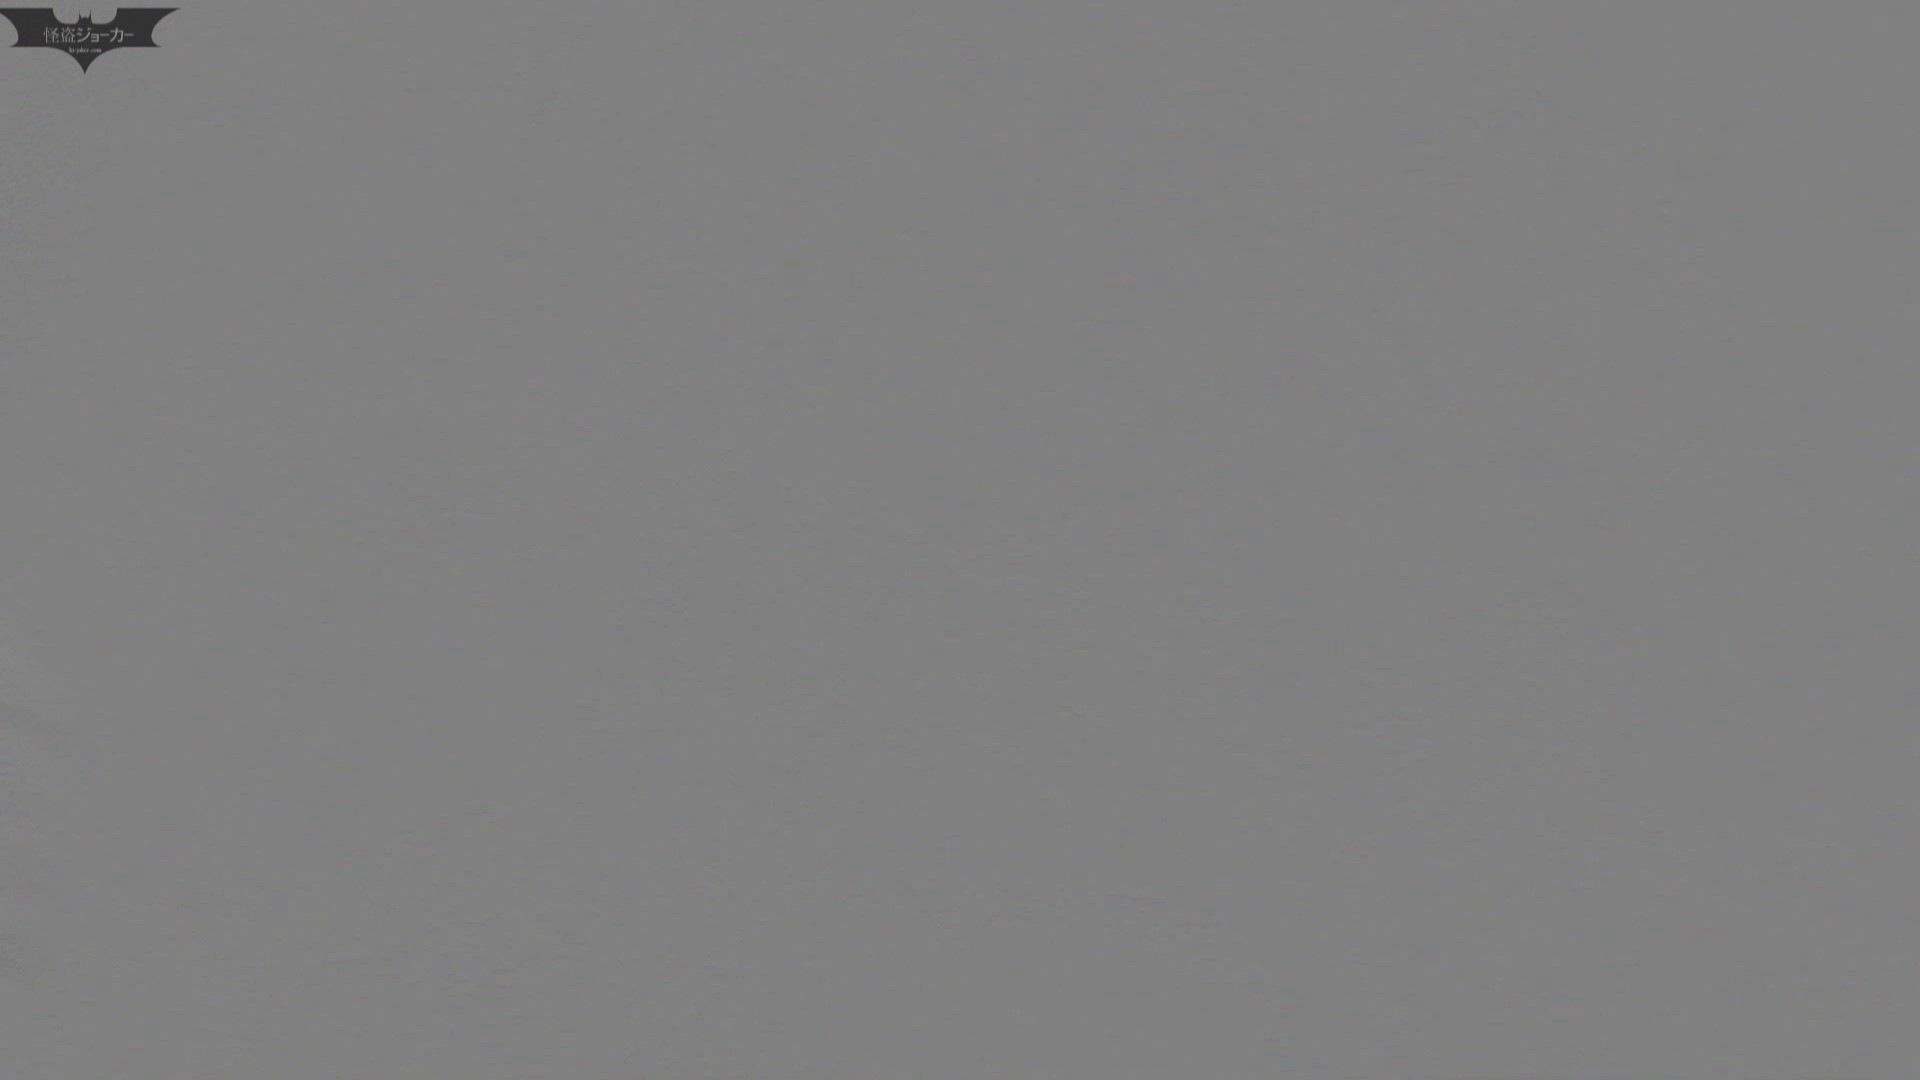 マンコ丸見え!第三体育館潜入撮File005 お願い入ってきて!! 潜入 すけべAV動画紹介 106画像 86